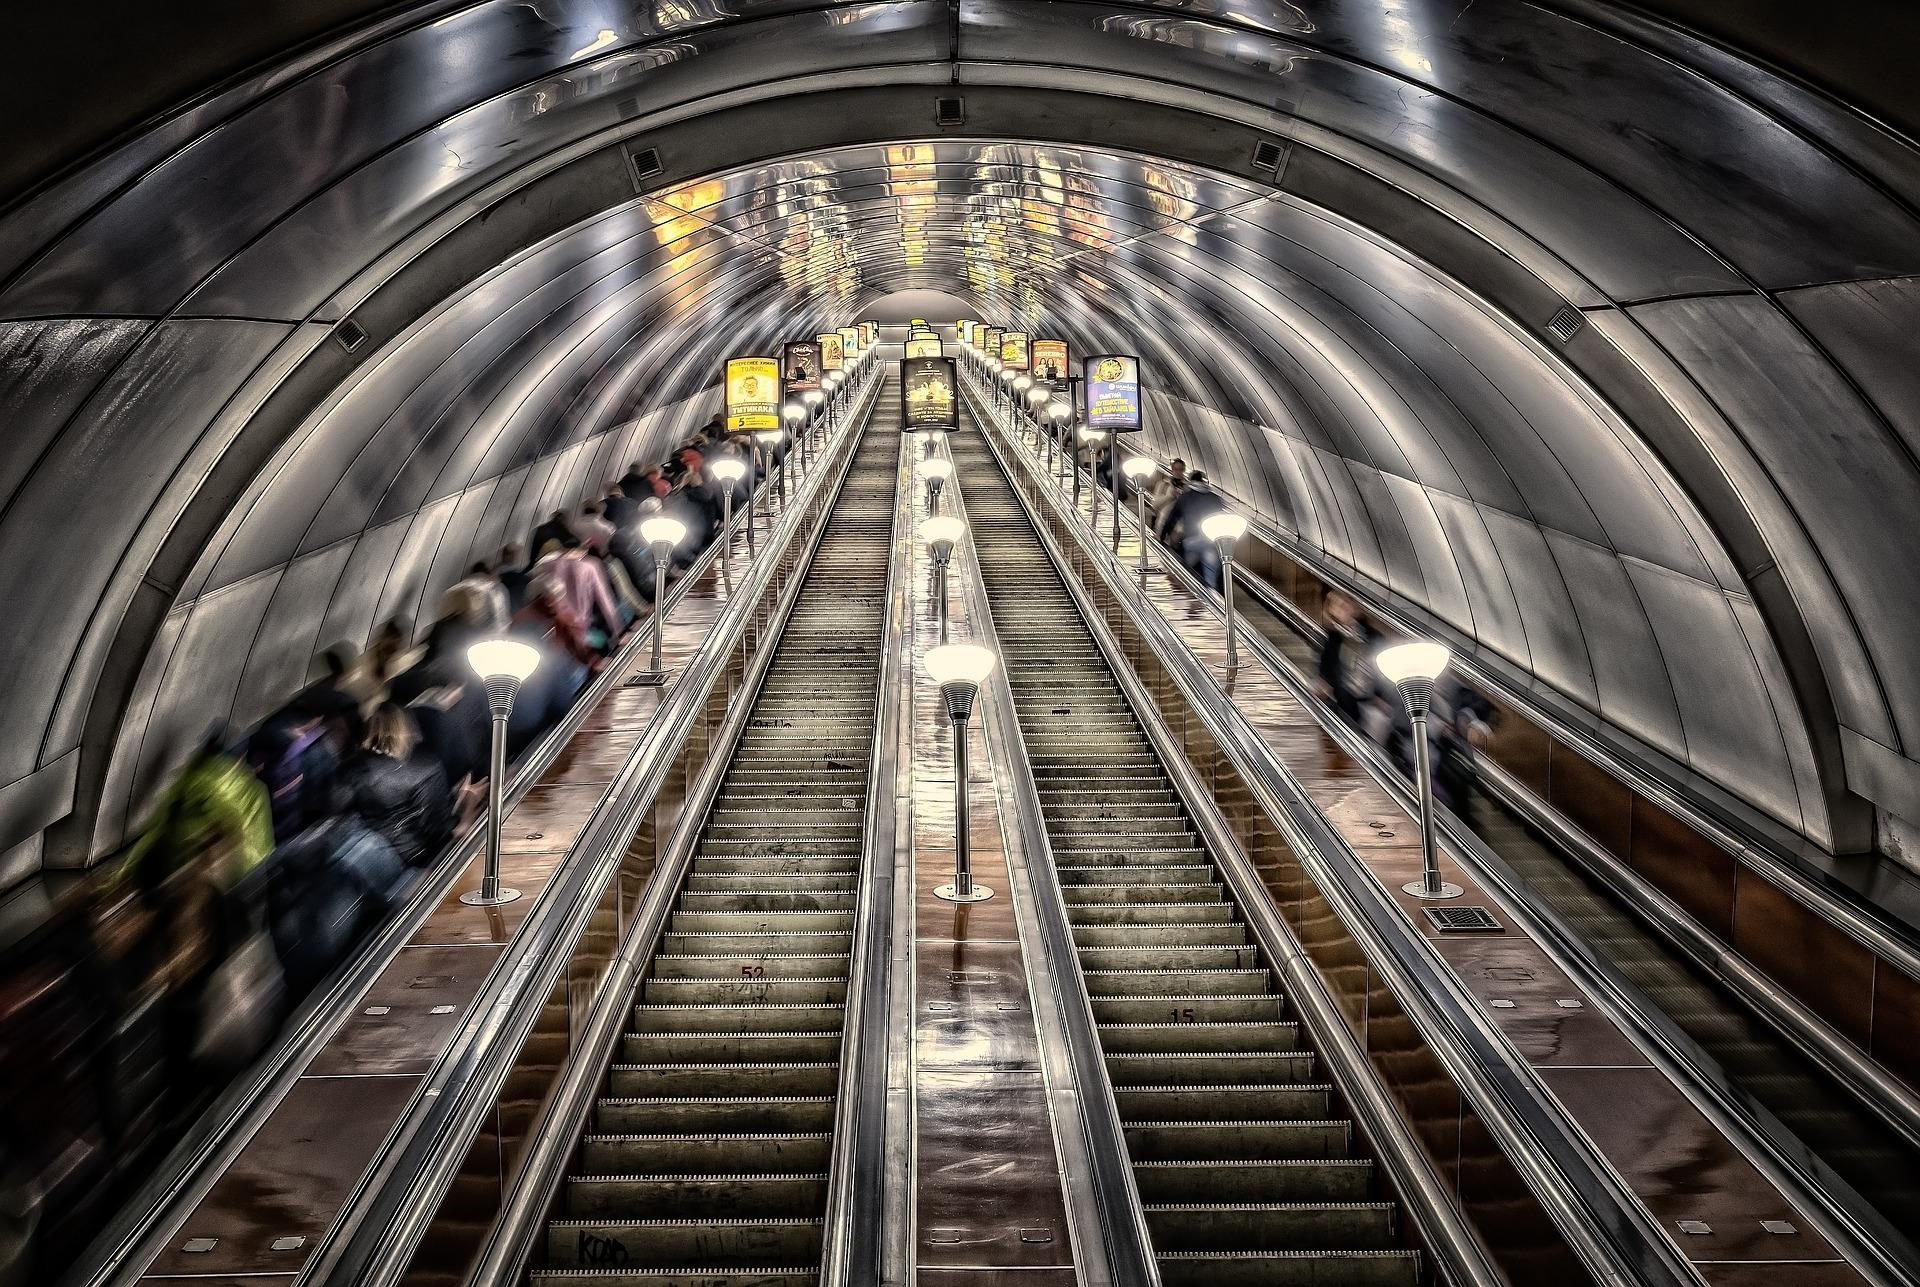 Nejhlubší stanice metra